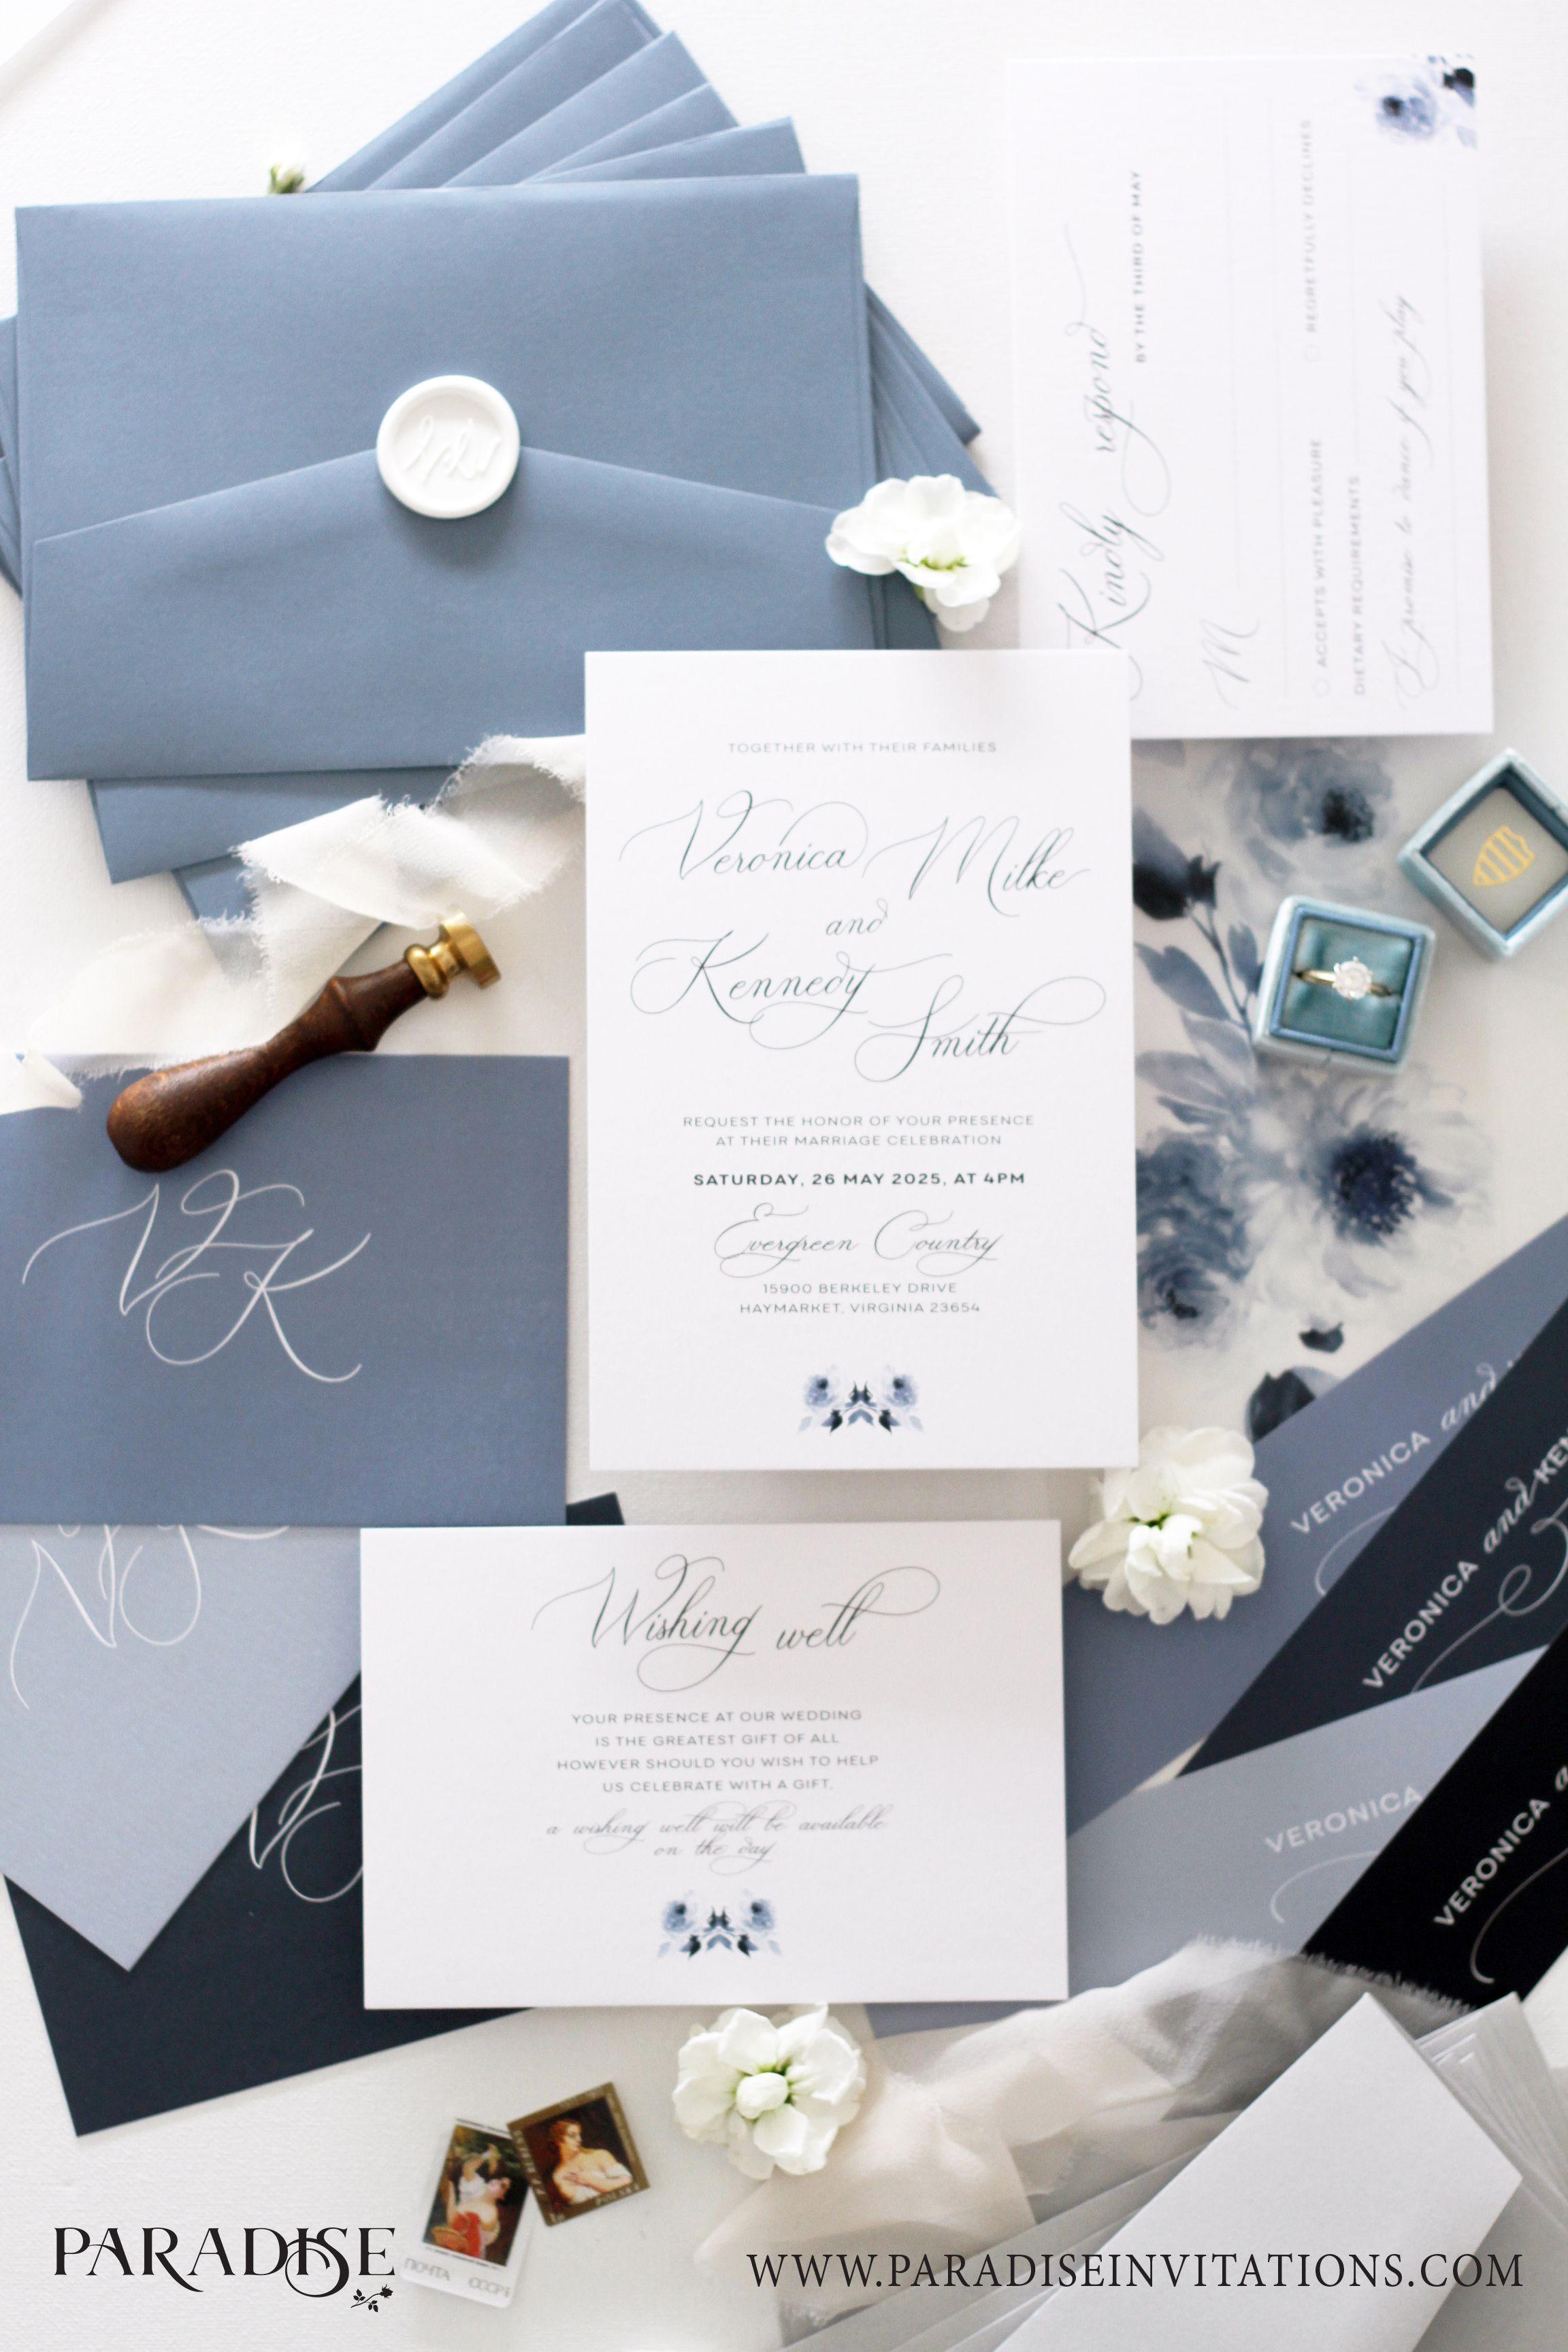 Pin Oleh Susan Ingerson Di Wedding Kartu Undangan Pernikahan Undangan Pernikahan Undangan Perkawinan